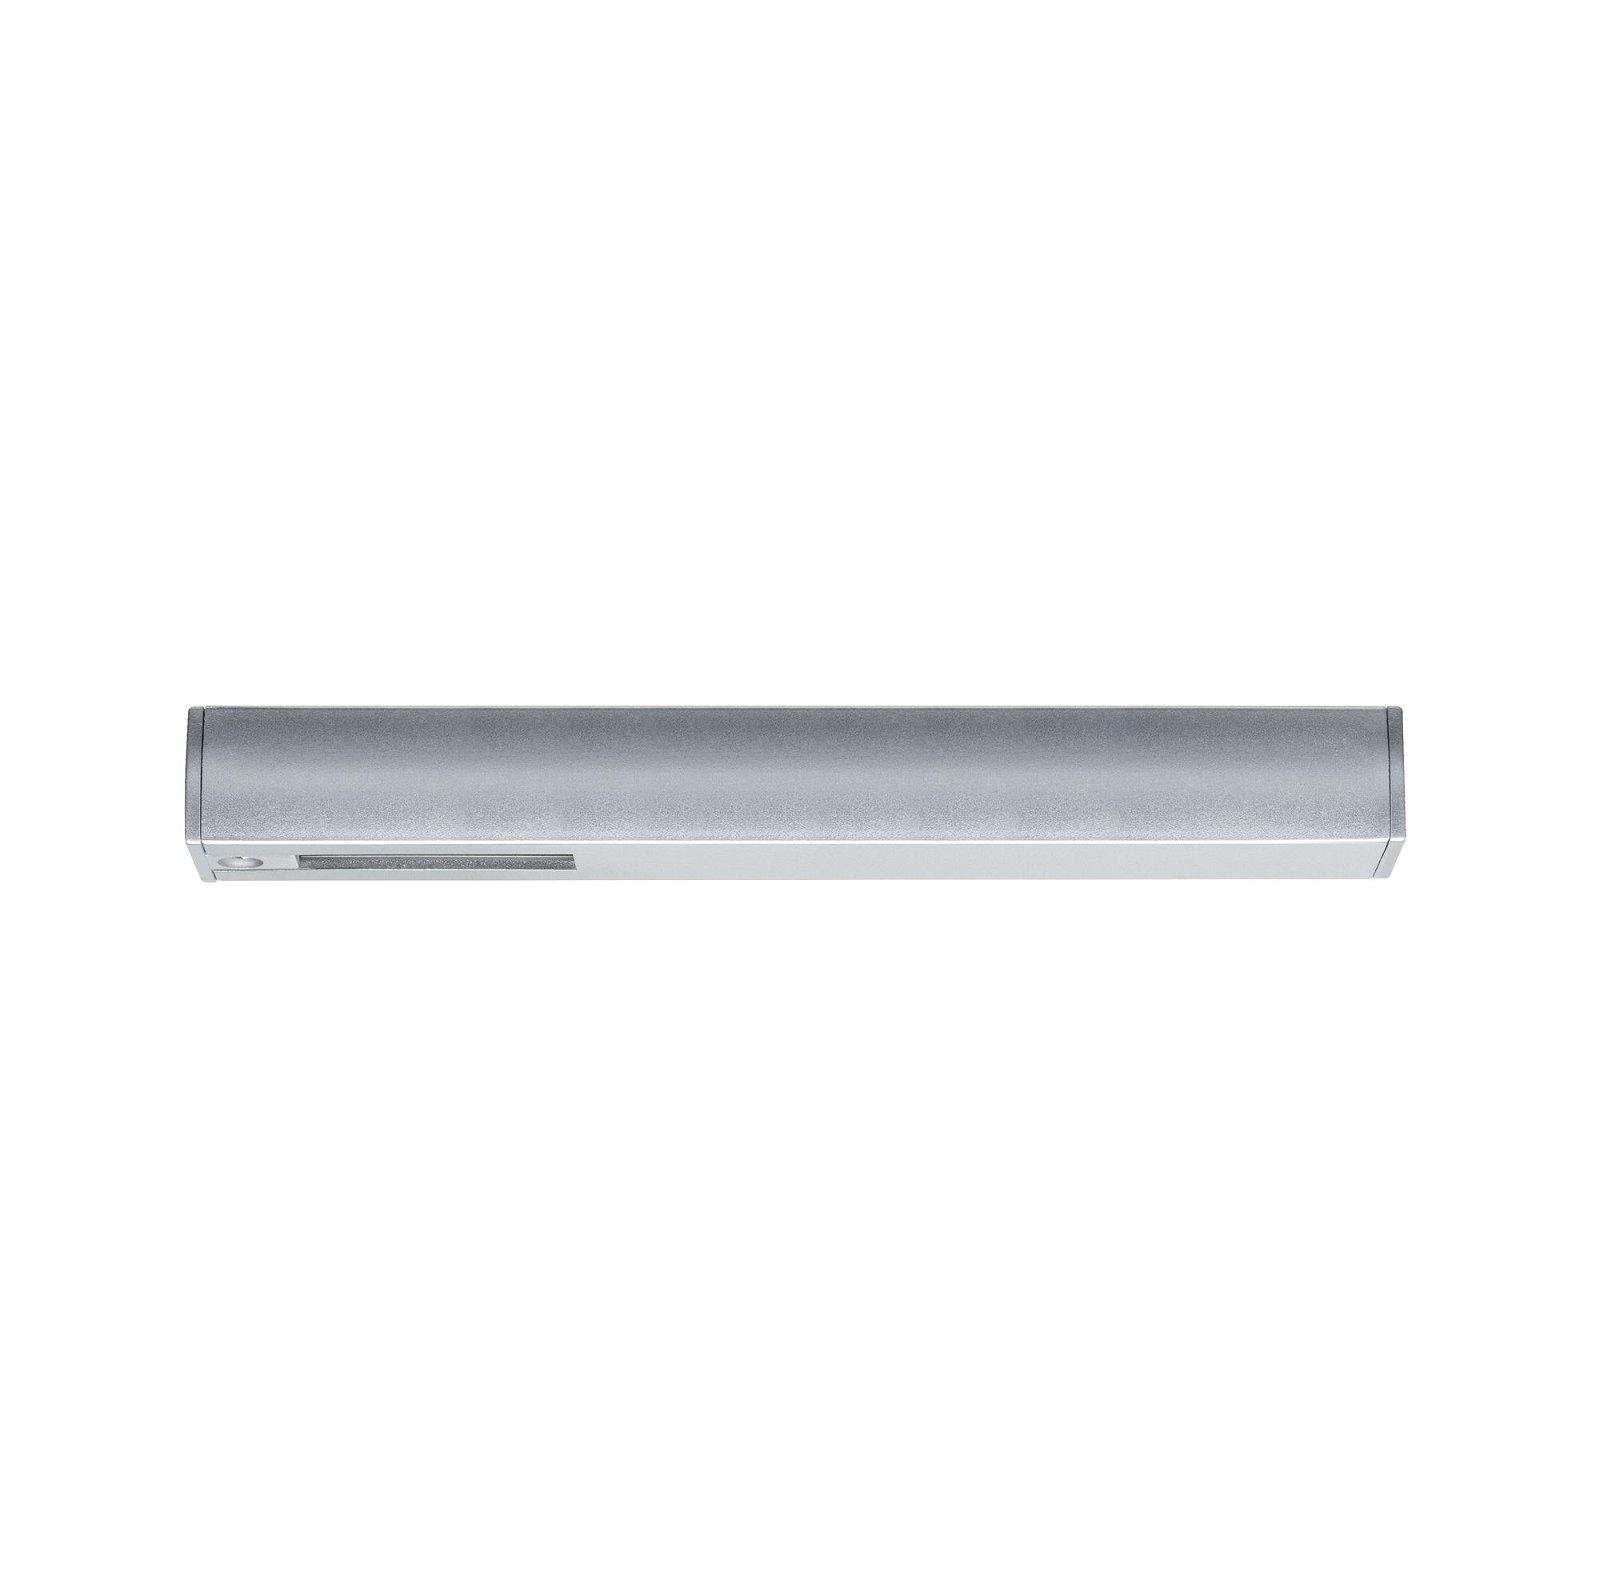 URail Einspeisung Ende 161x18mm max. 1.000W Chrom matt